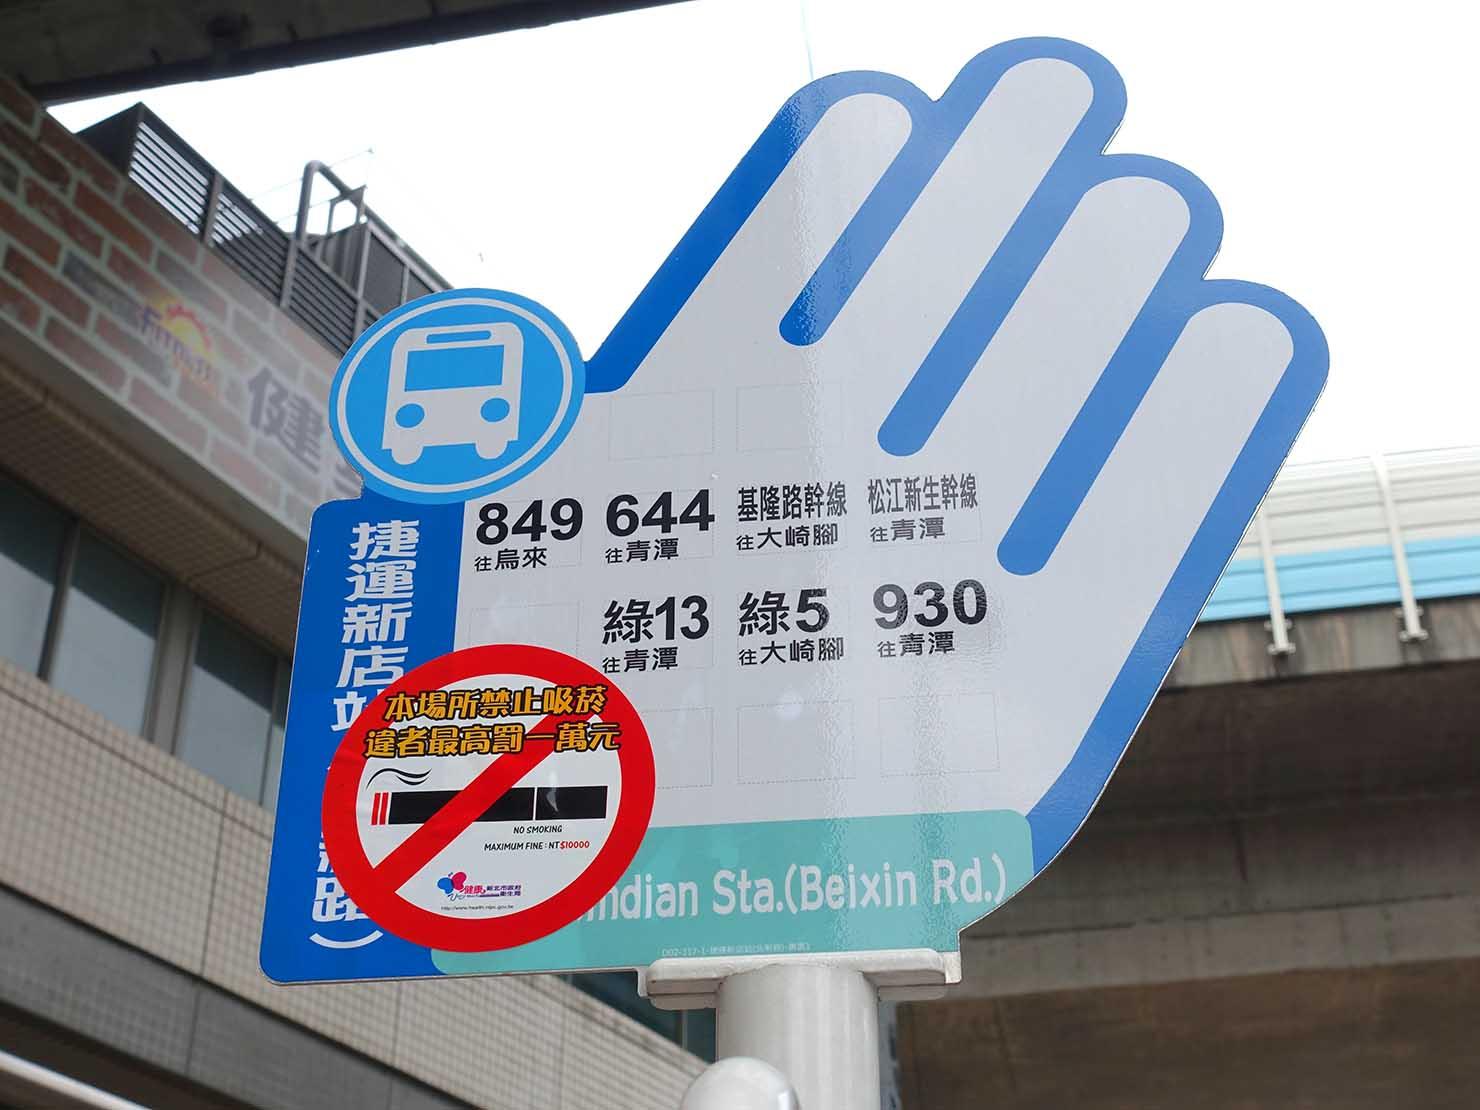 台北MRT新店駅前のバス路線